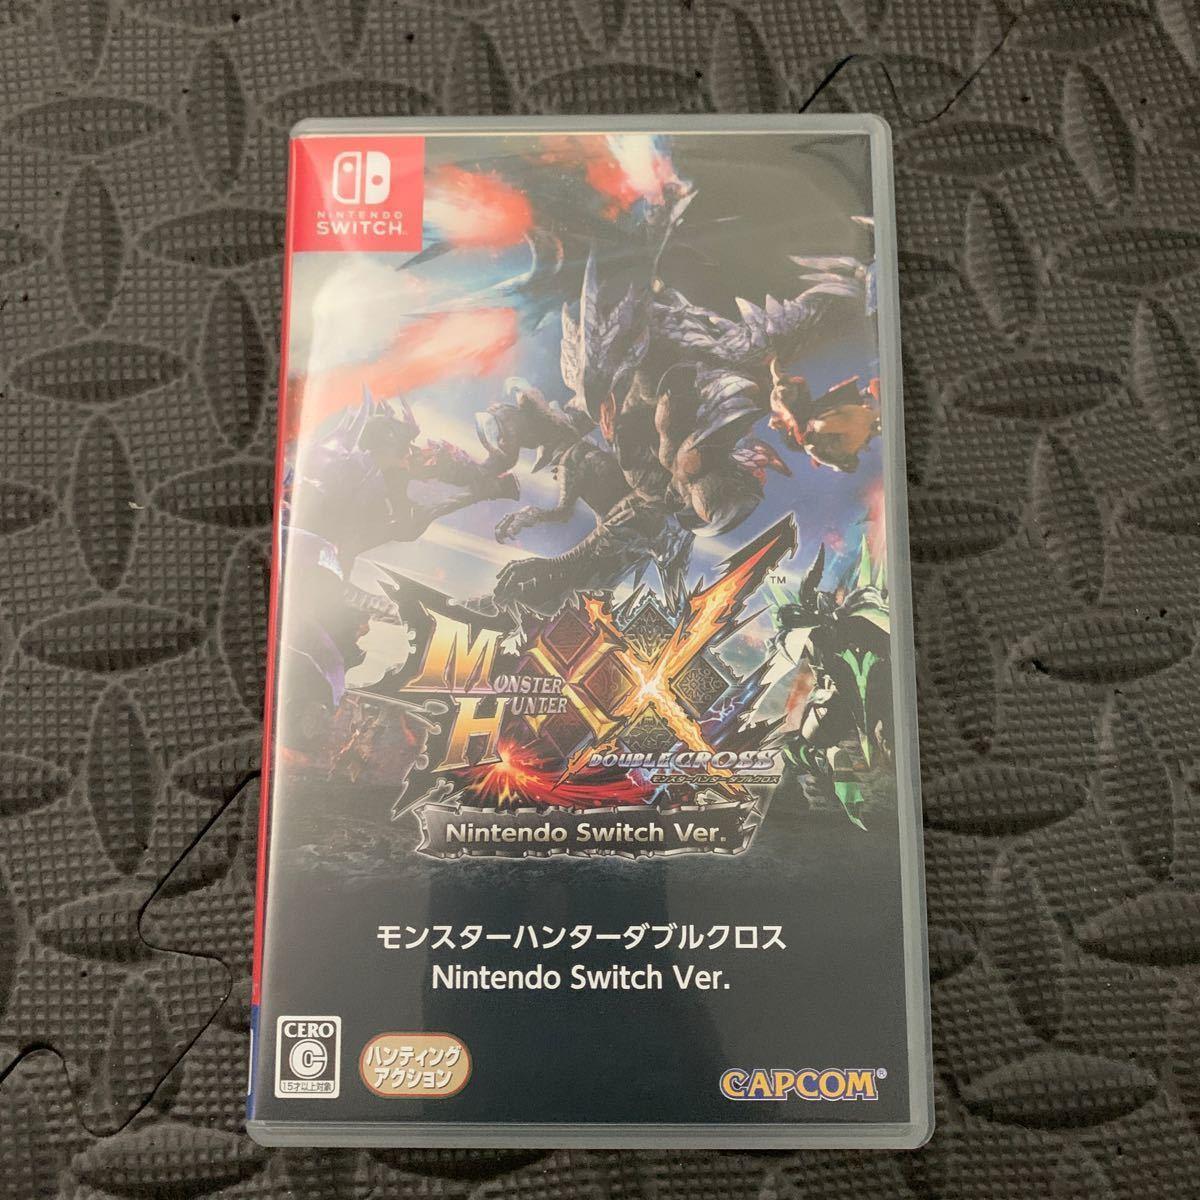 Nintendo Switch モンスターハンターダブルクロス Nintendo Switch Ver. スペシャルパック